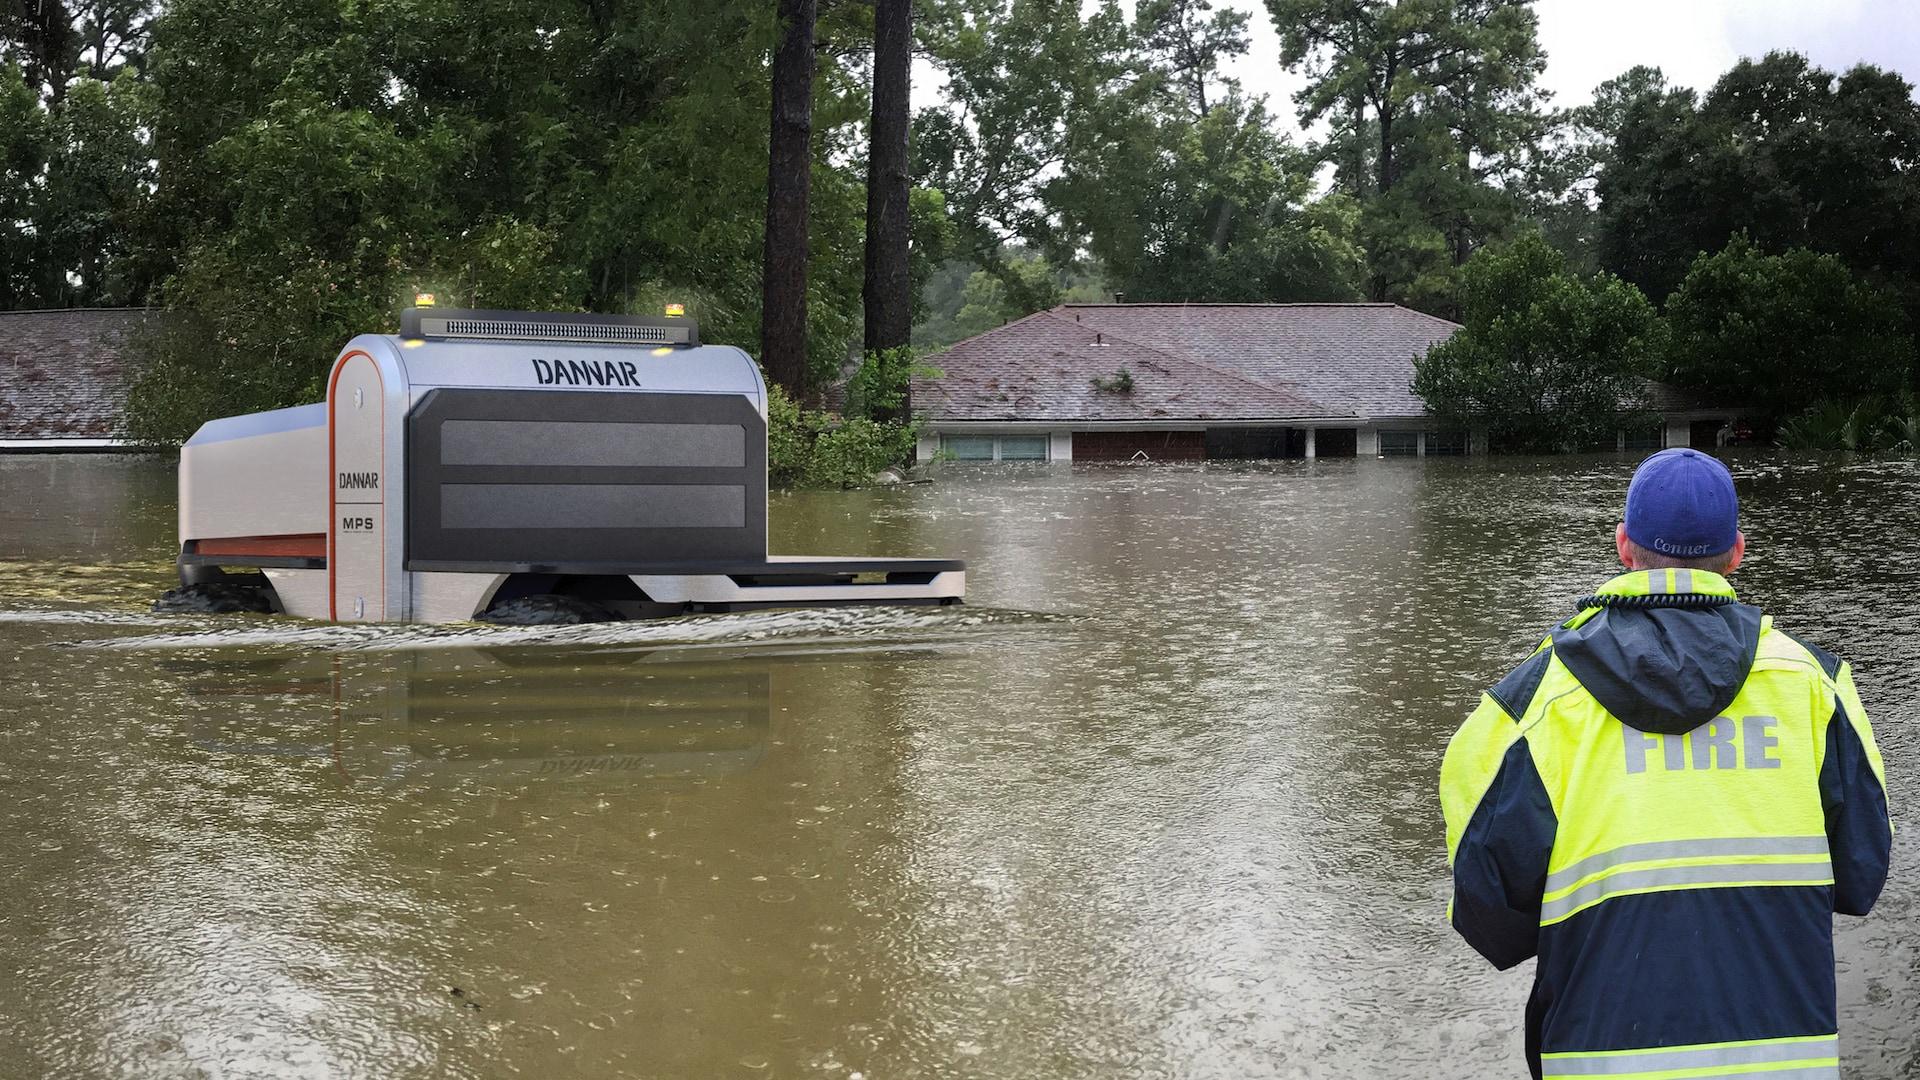 DANNAR MPS Flood